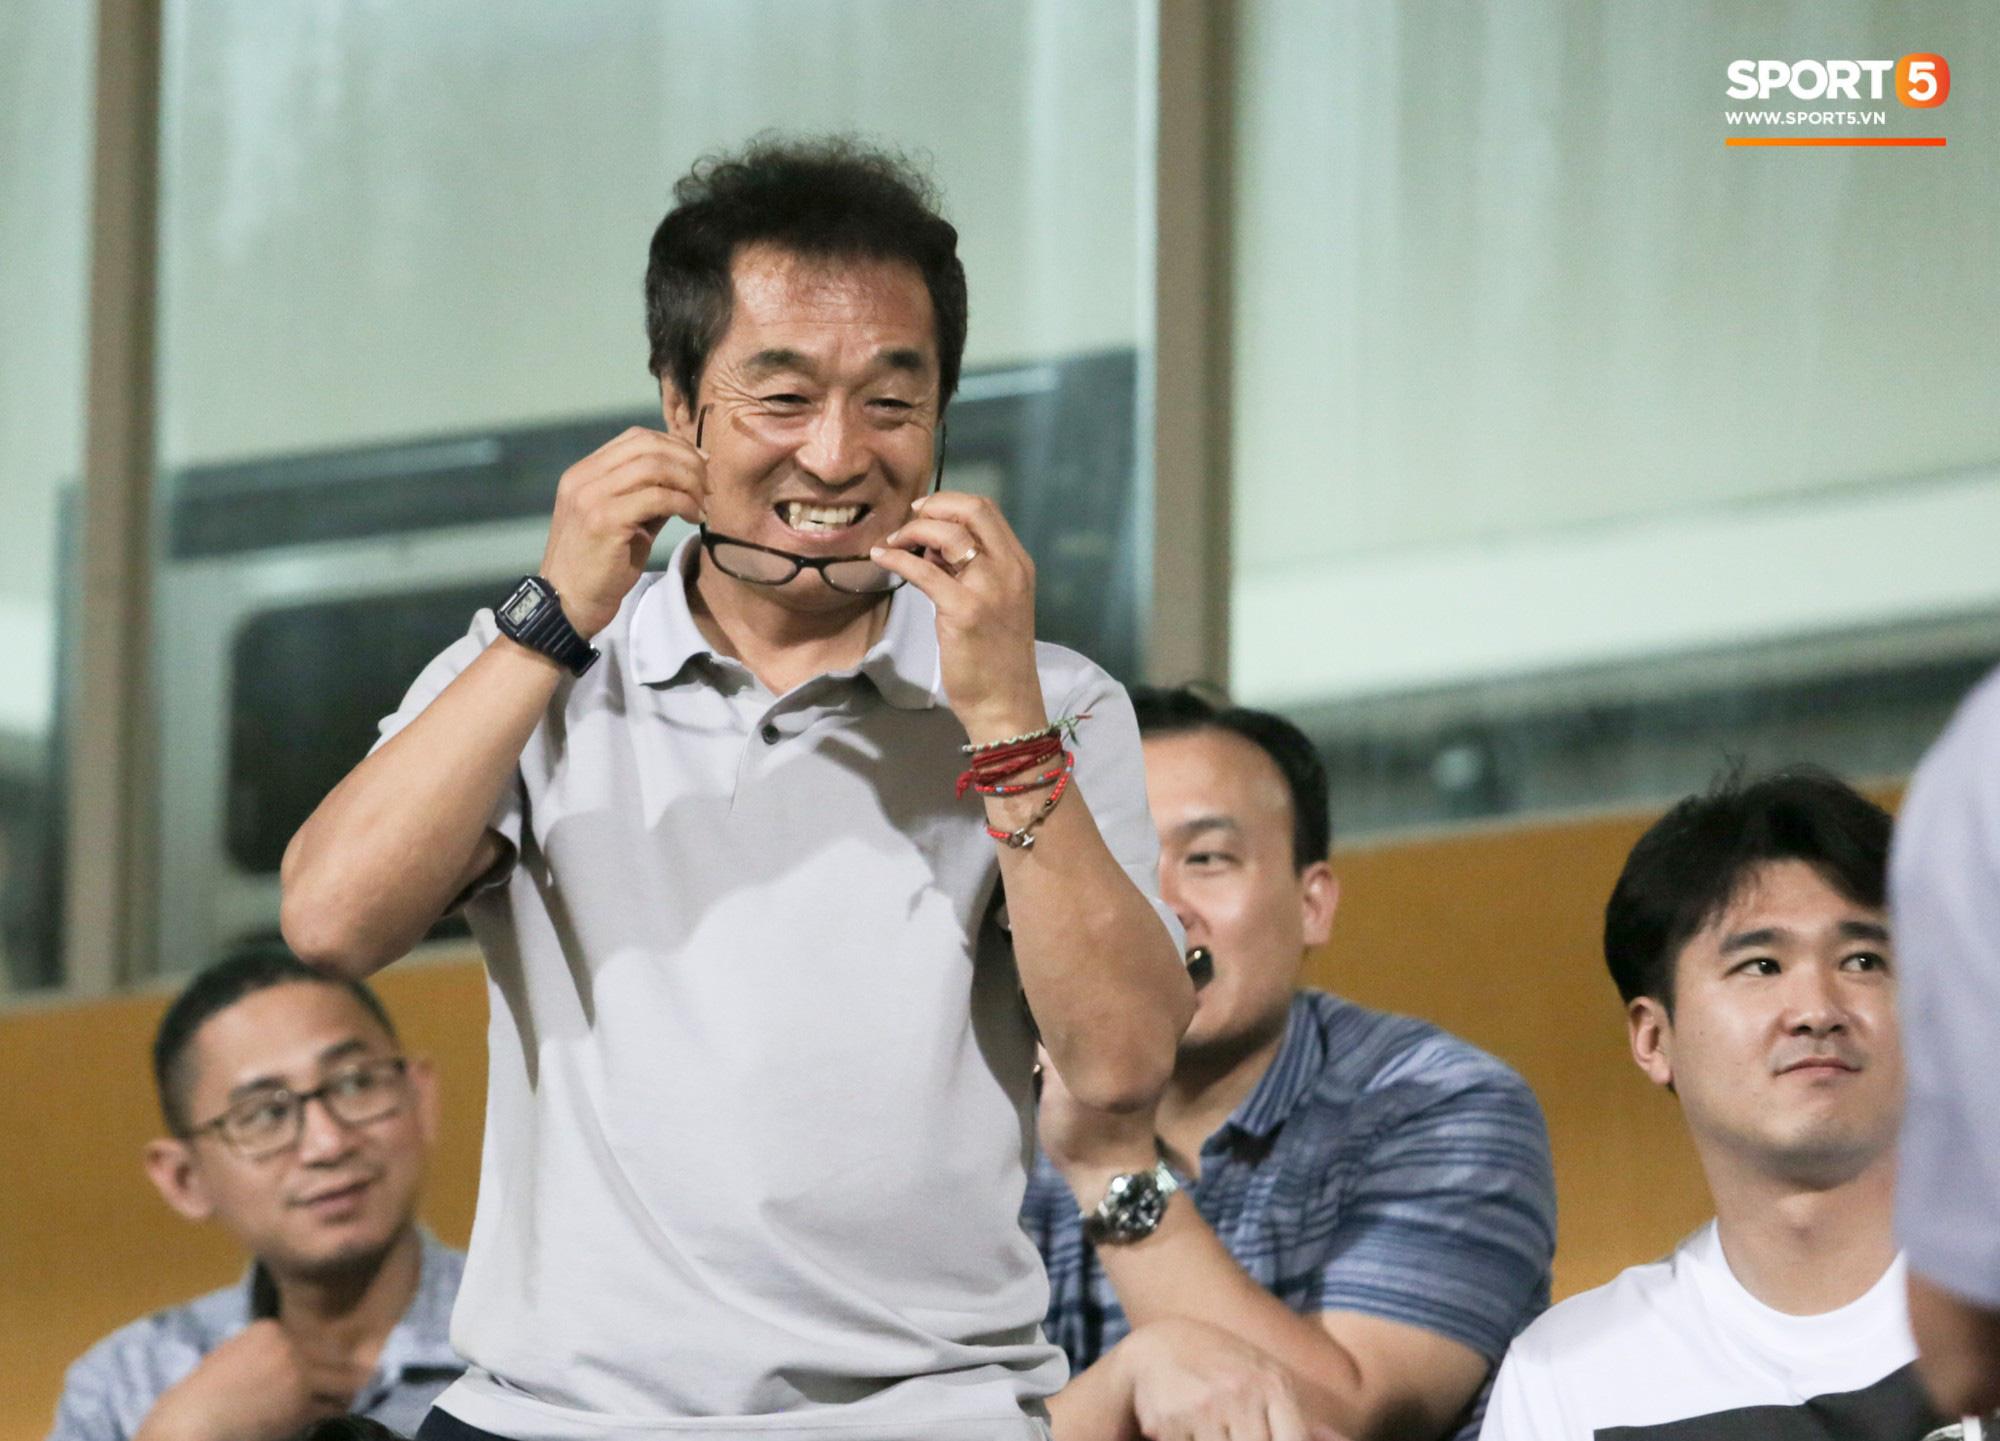 Góc khuất HLV Lee Young-jin: Từng đánh trọng tài, bị kỳ thị ở Hàn vì thói quen trả đũa đối phương - Ảnh 2.